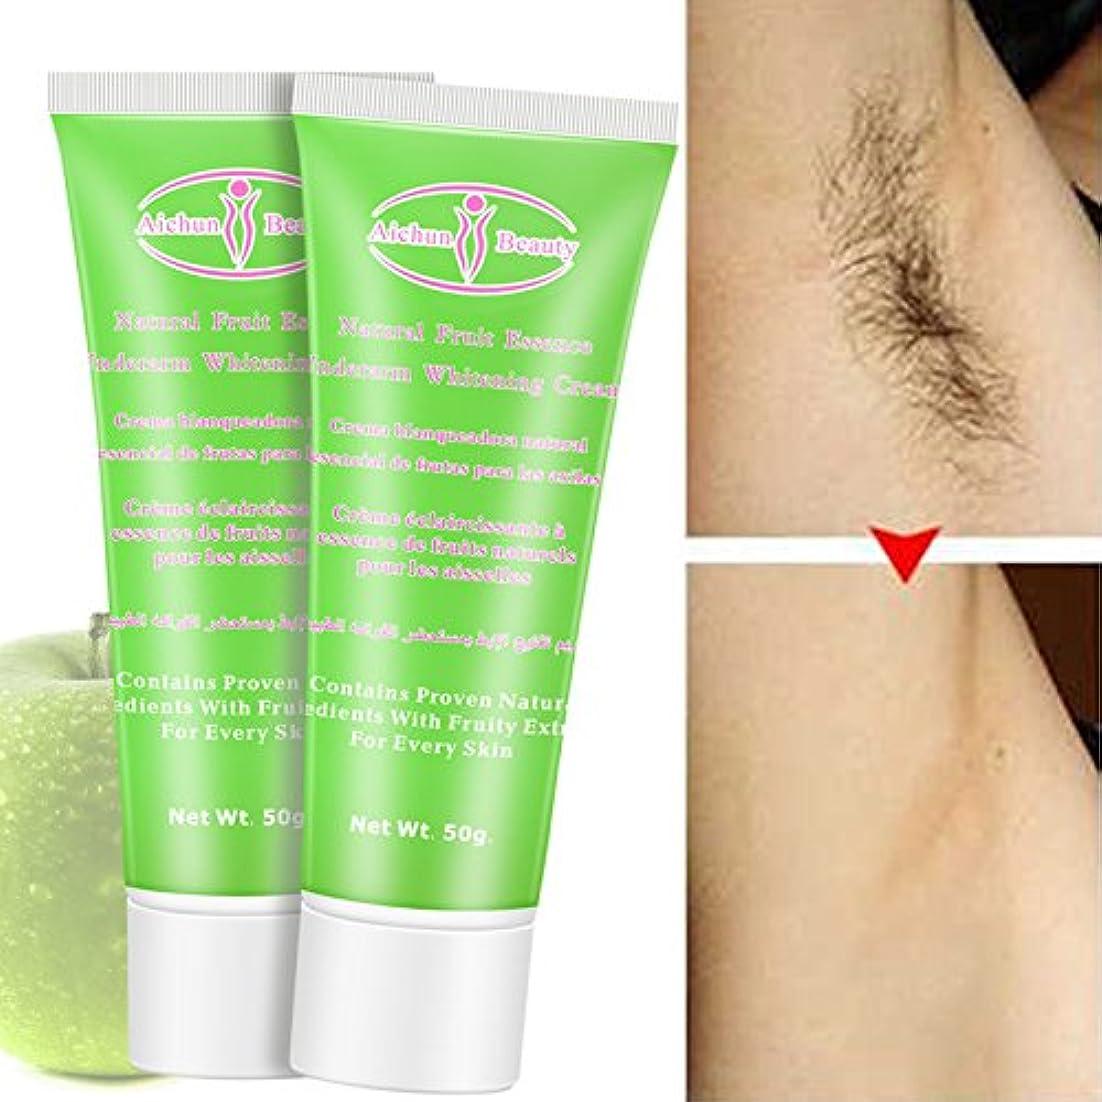 頭値するやりがいのあるMetermall 優しい成分保湿栄養白髪脱毛修復液クリーム